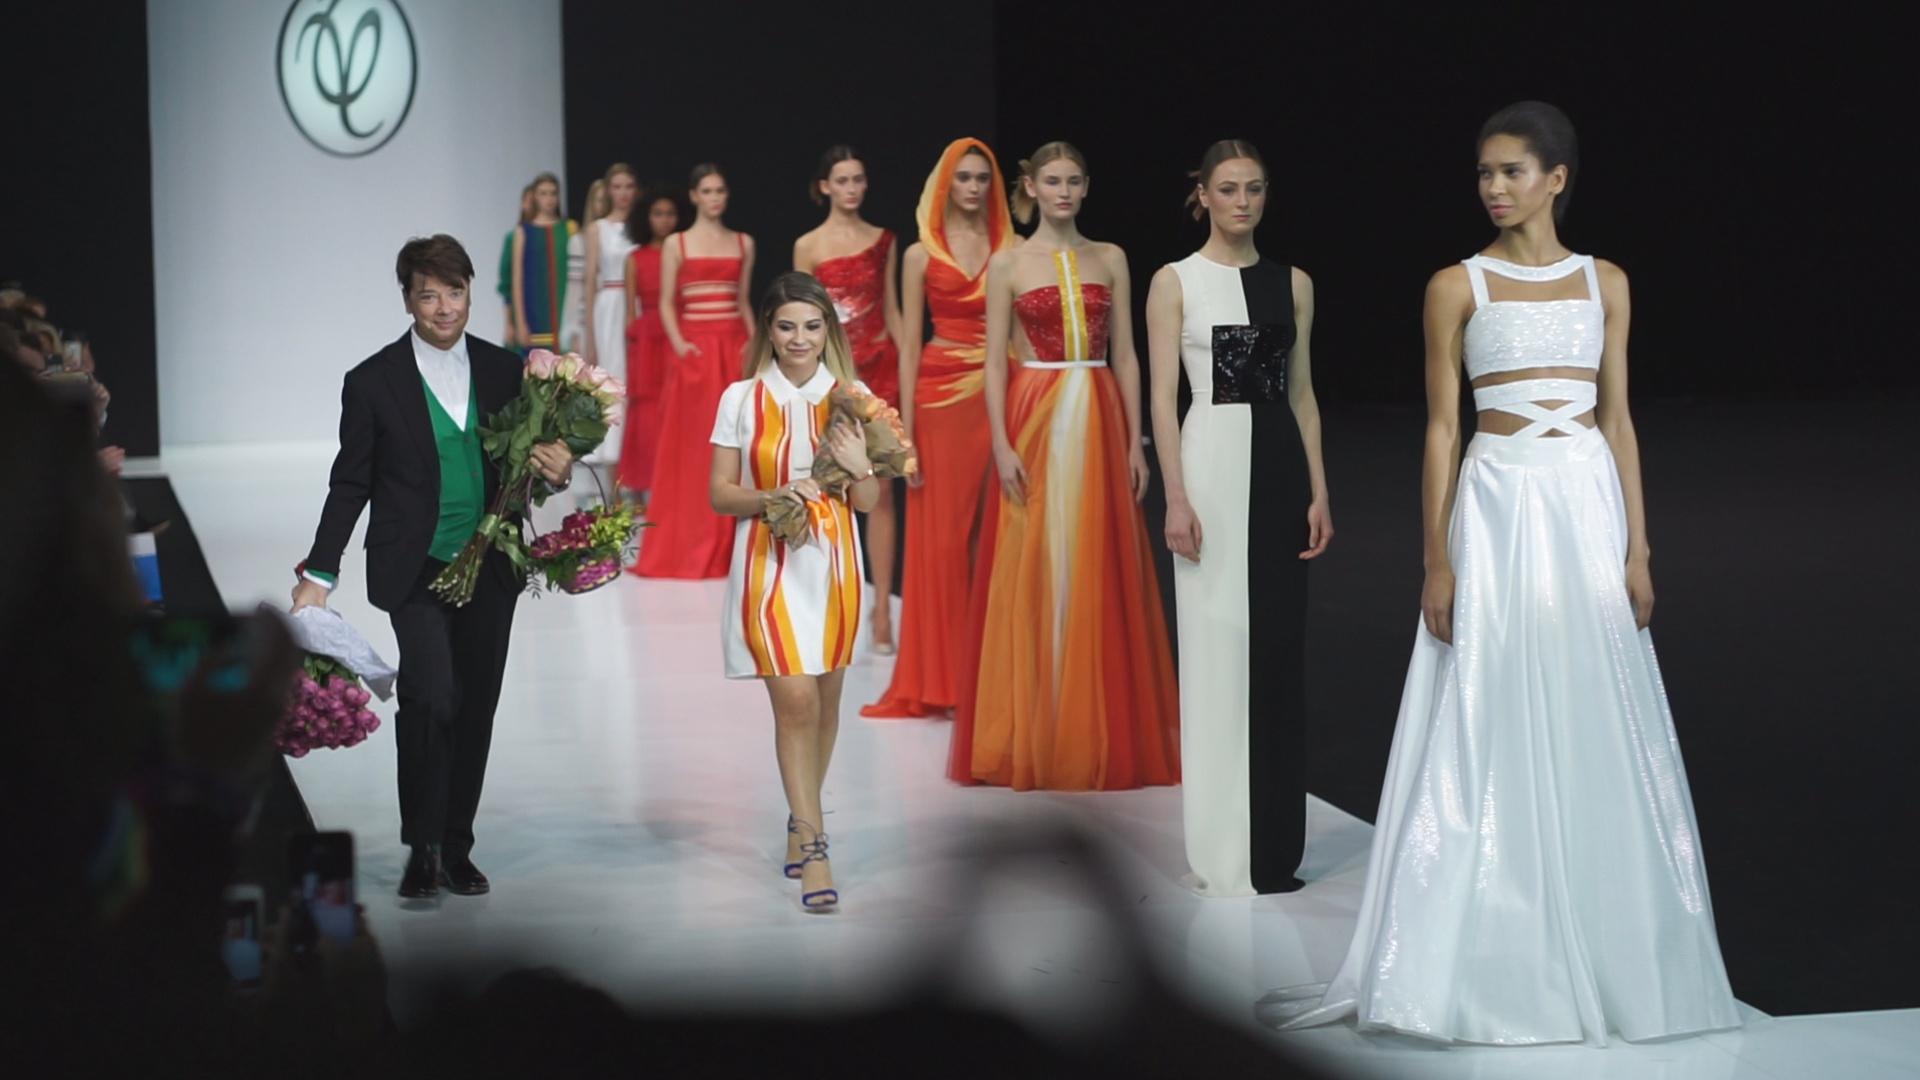 Юдашкин и Андреянова представили коллекции на Неделе моды в Москве